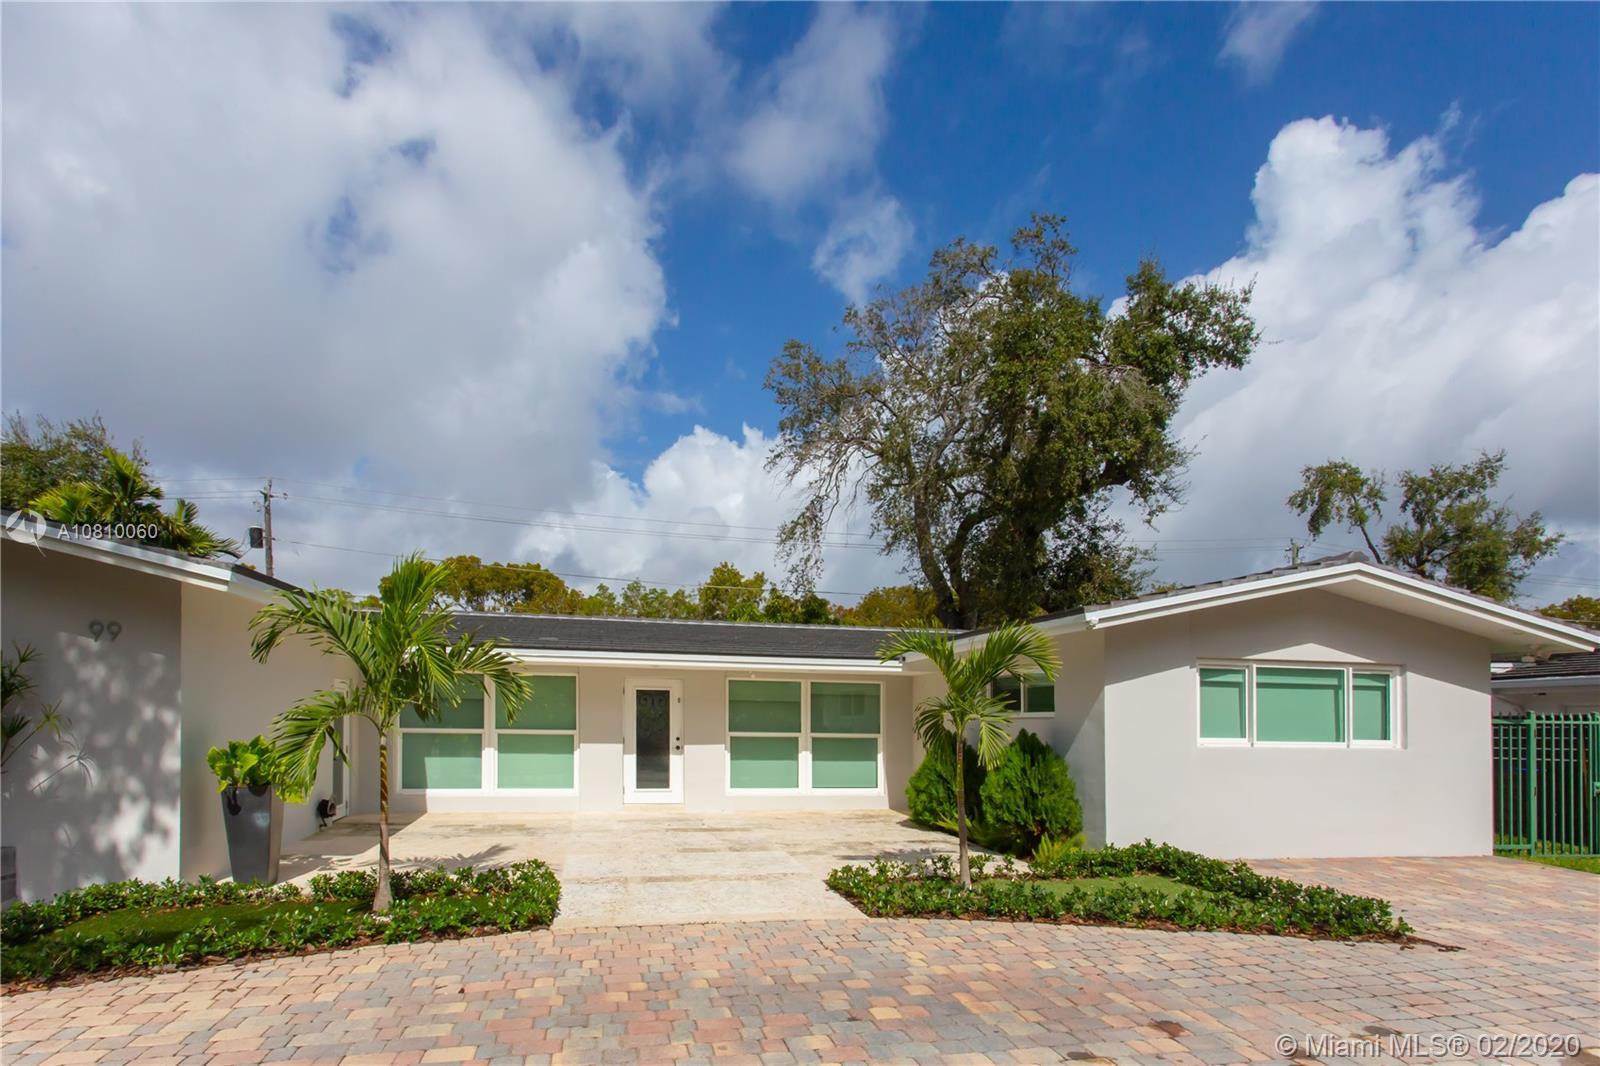 99 Shore Dr W, Miami, FL 33133